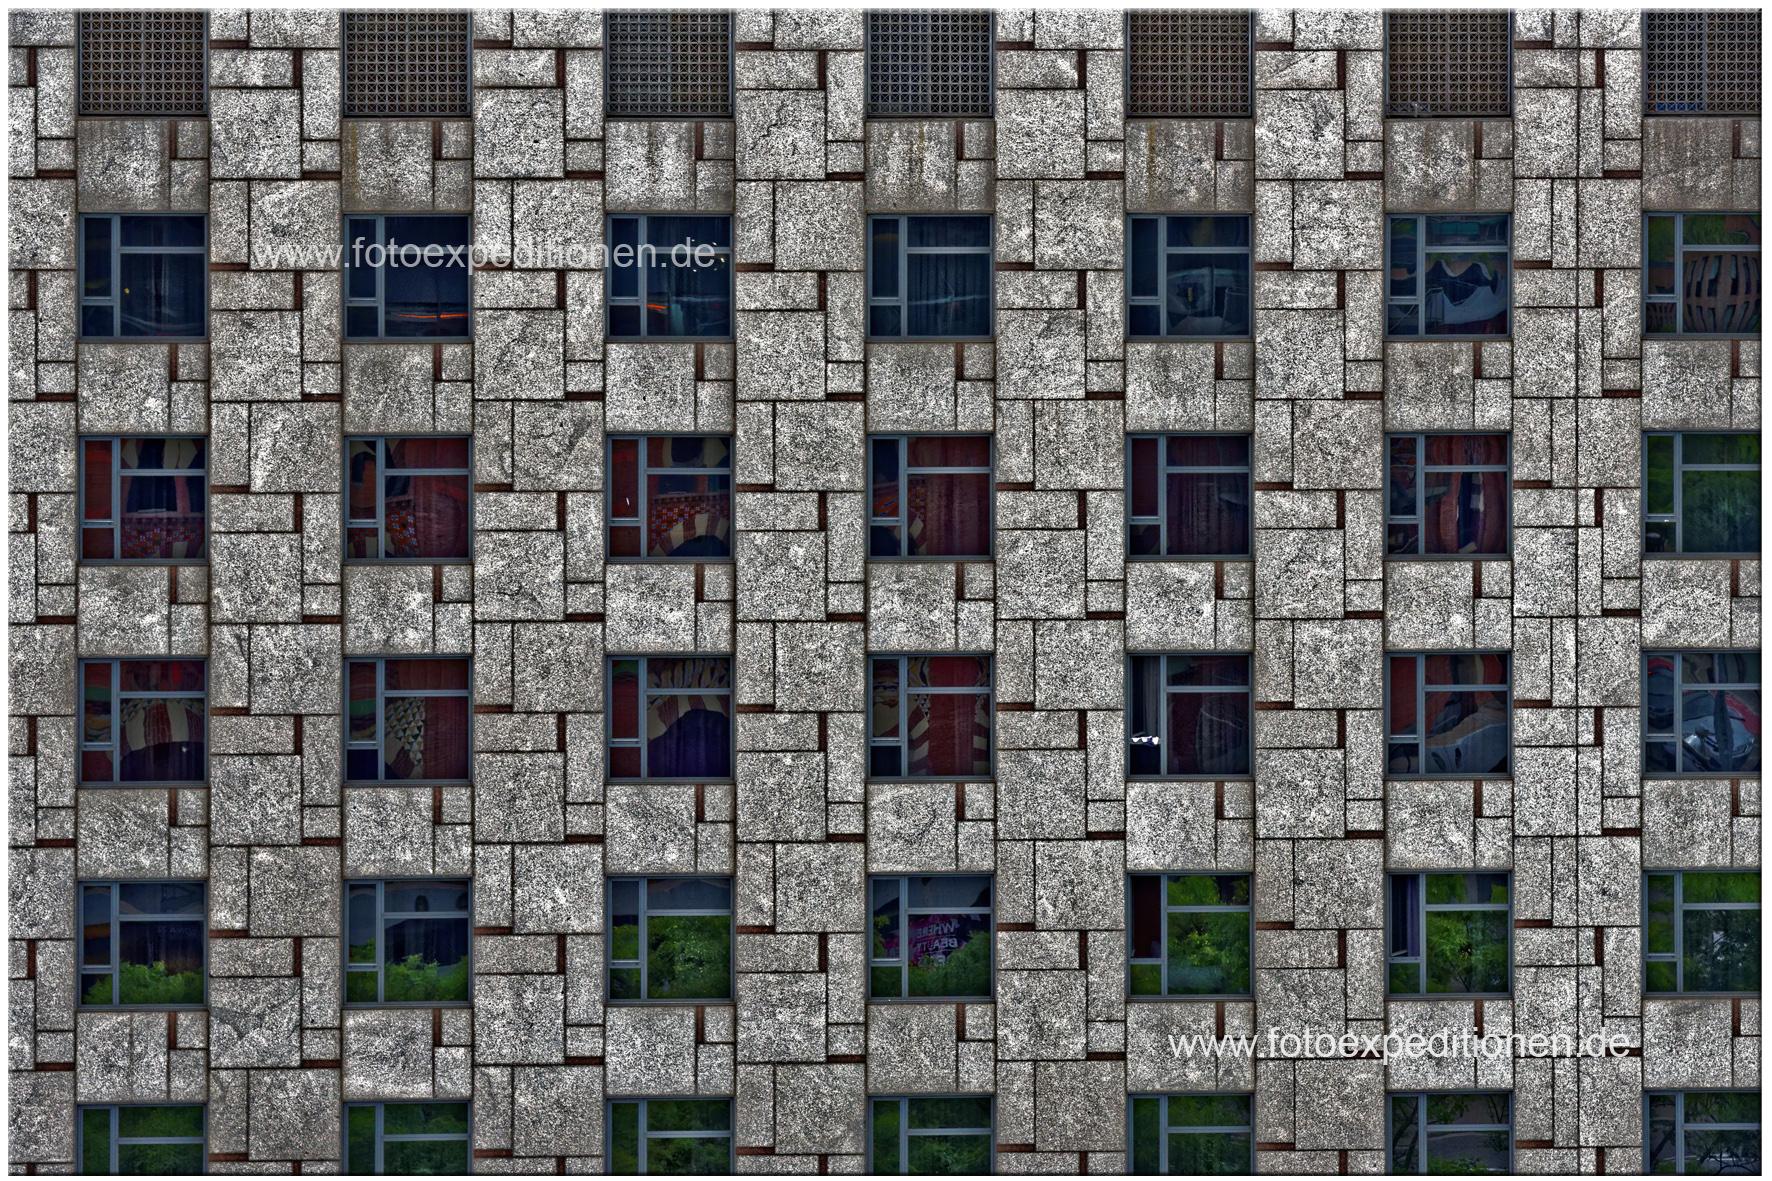 """""""Gestaltung und Kreation"""", Hausfassade Barcelona"""